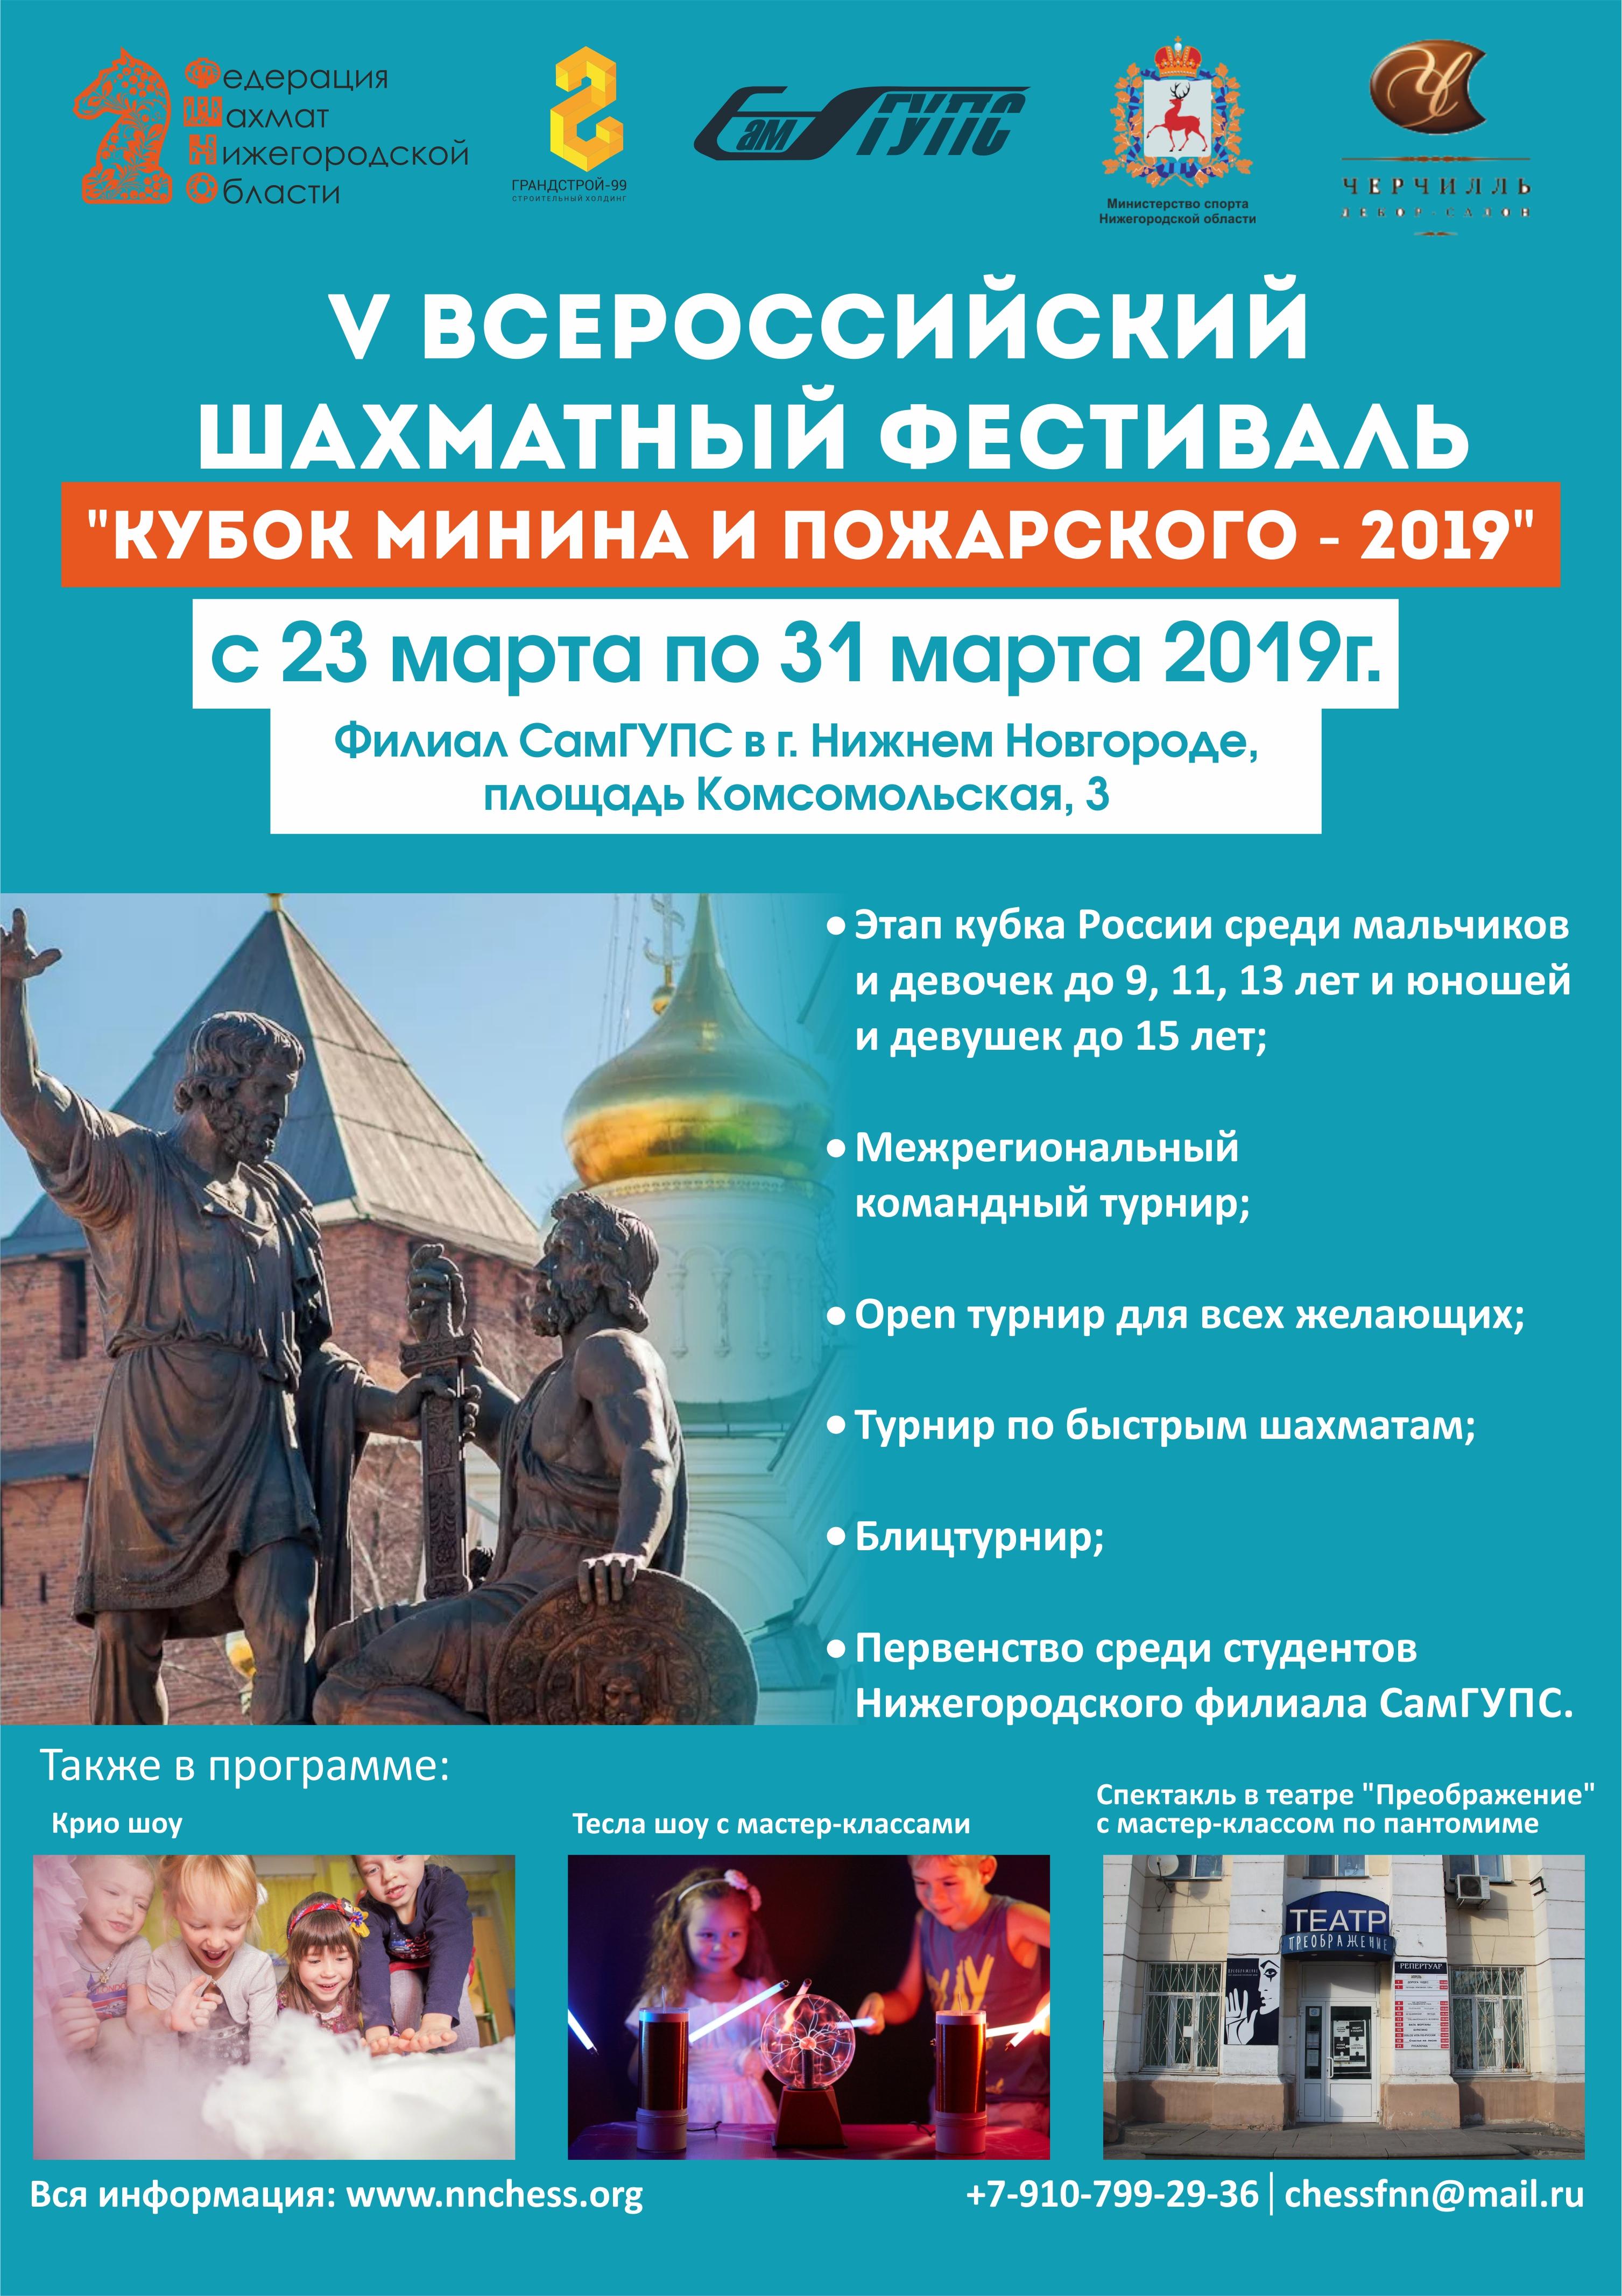 Всероссийский шахматный фестиваль